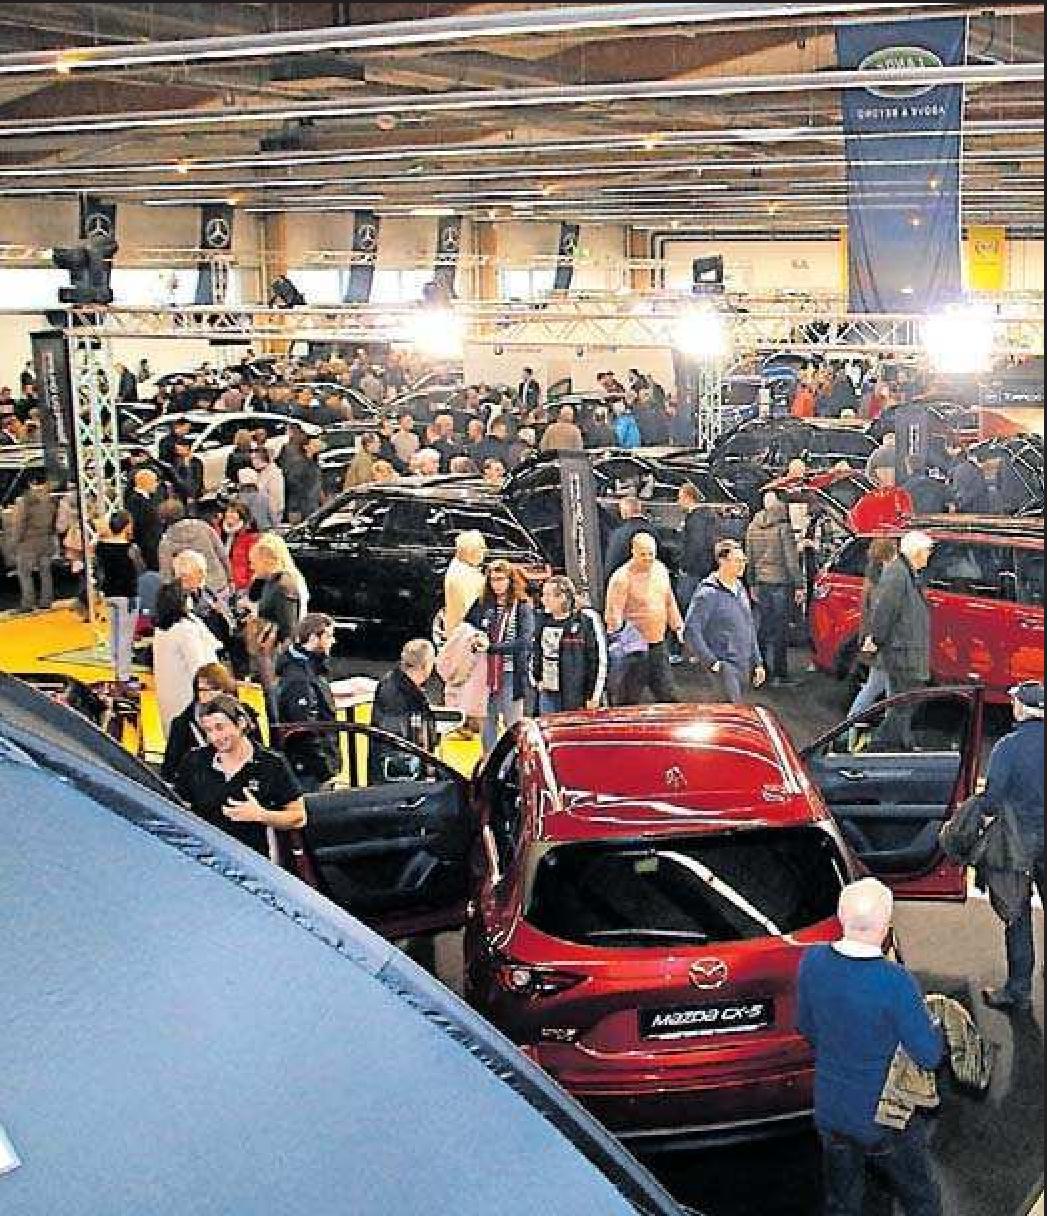 Auf kleinstem Raum finden sich bis zu 200 Autos. FOTO: FRITS/FREI